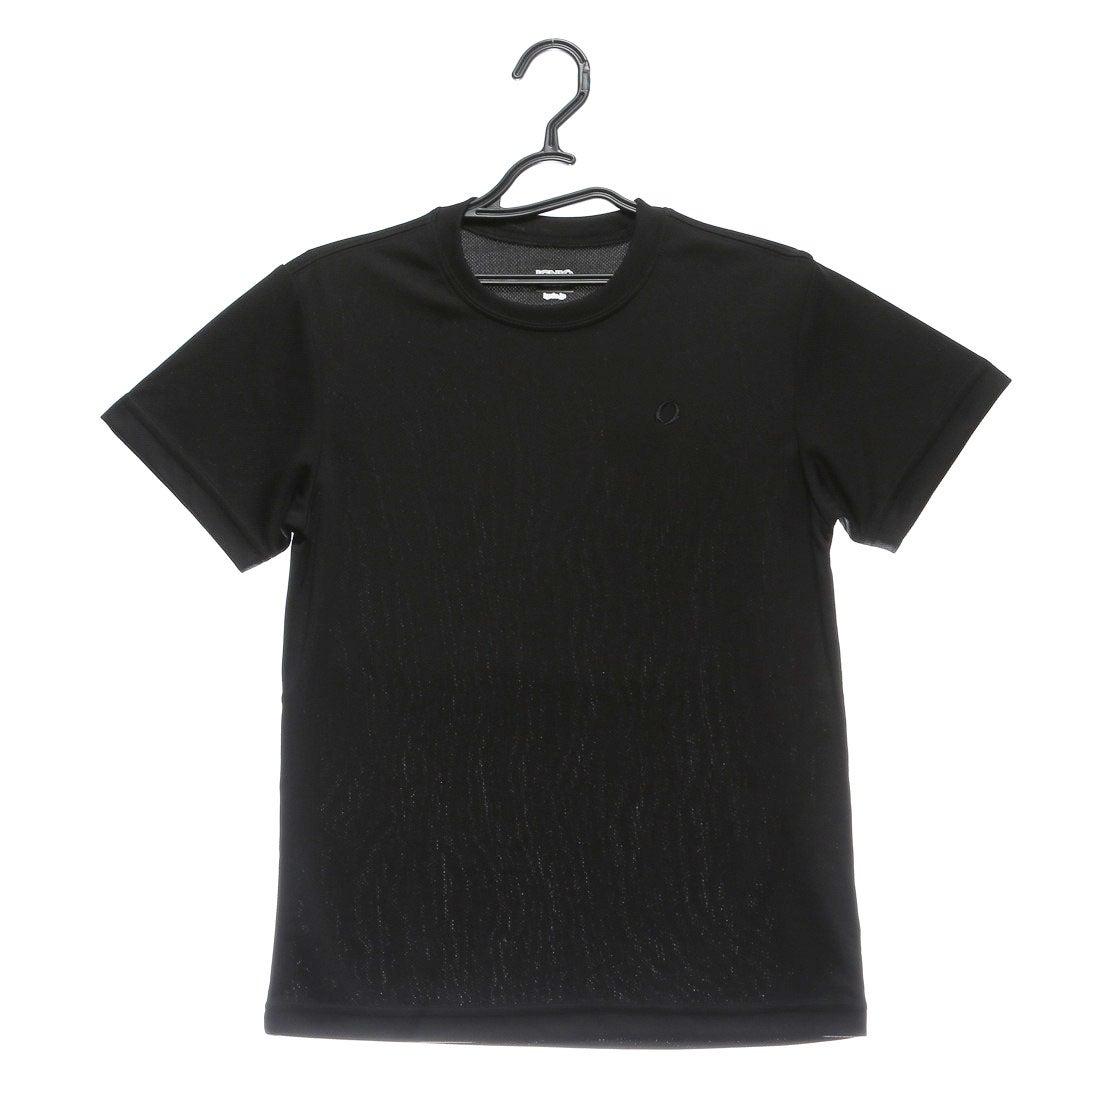 イグニオ IGNIO ジュニアバスケットボールシャツ IG-8KW4004TS ブラック (ブラック)